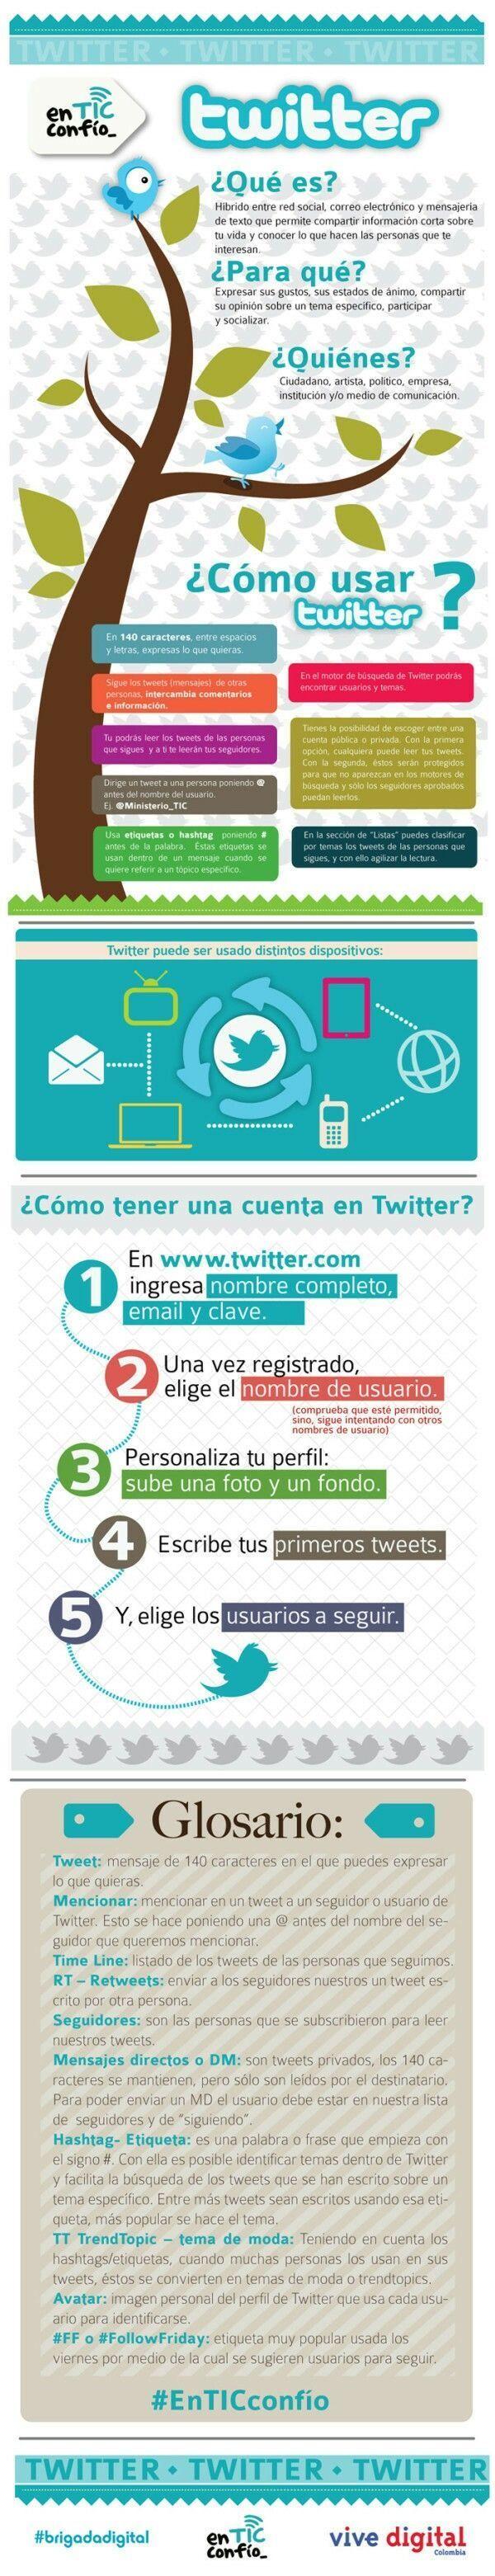 Todo lo que debes saber sobre cómo usar Twitter... #SocialMediaOP #SocialMedia #Marketing